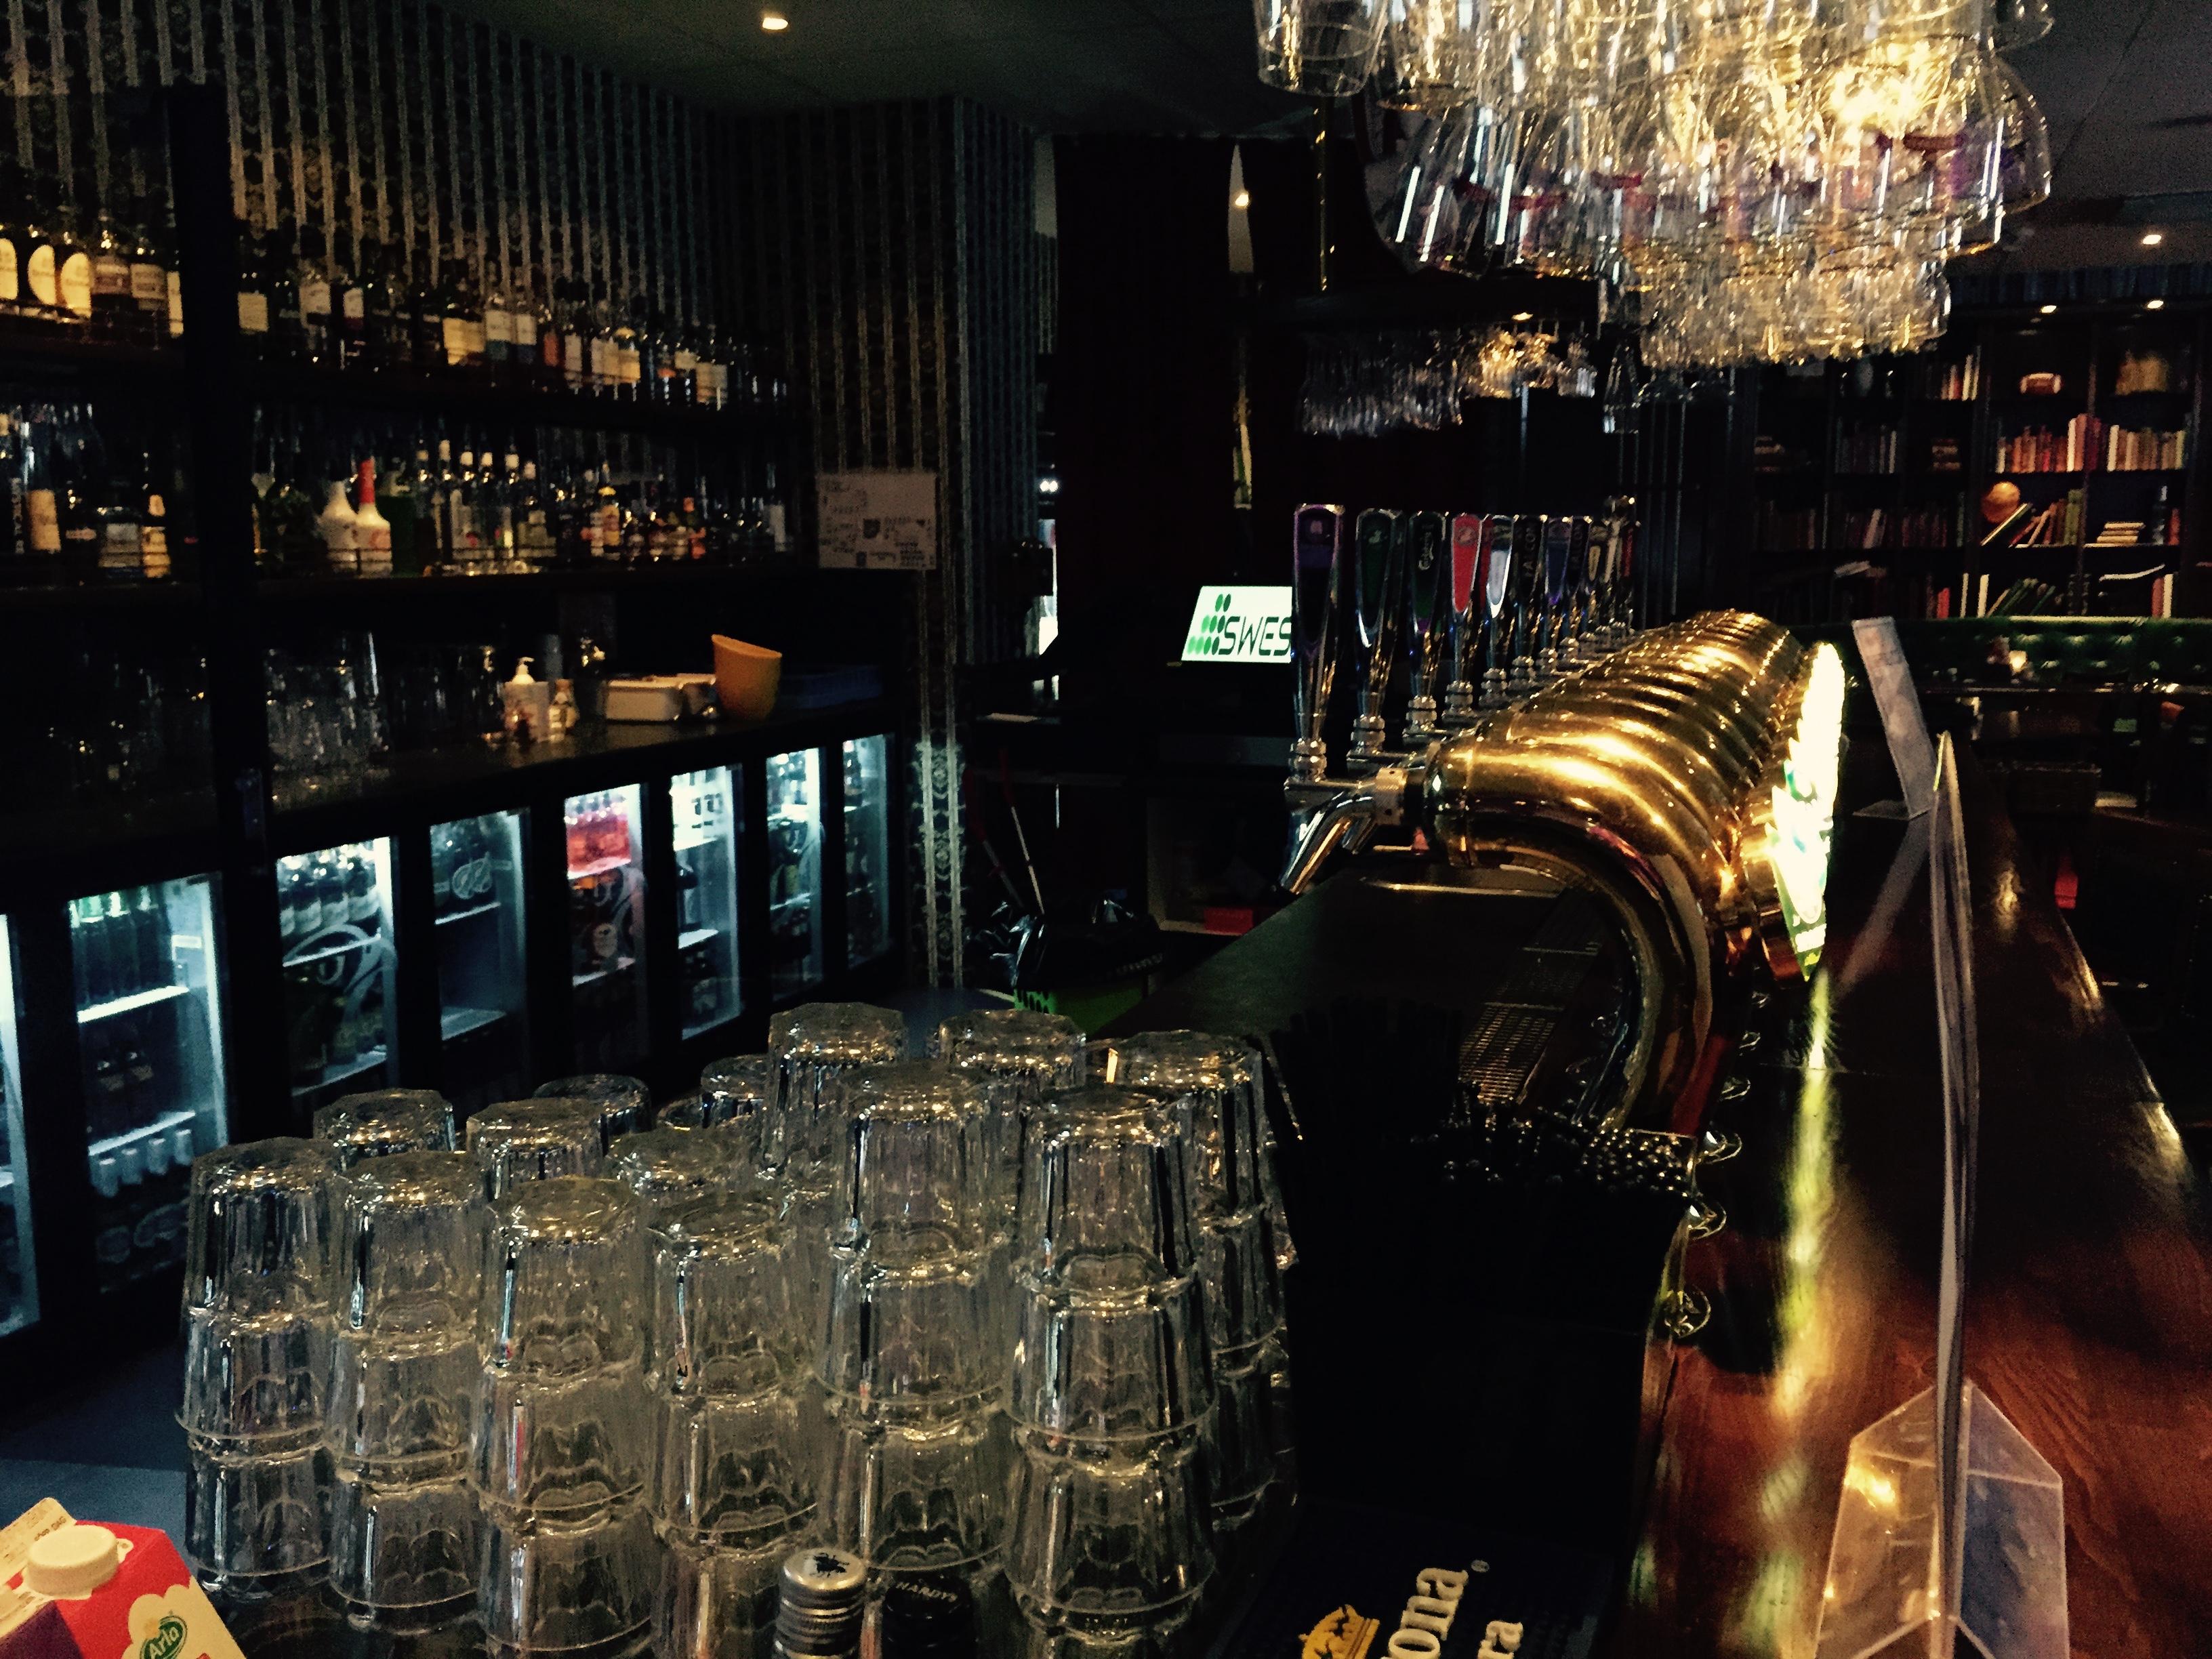 Bar bild på Pitchers i Örebro med skymt av SWESS kassa